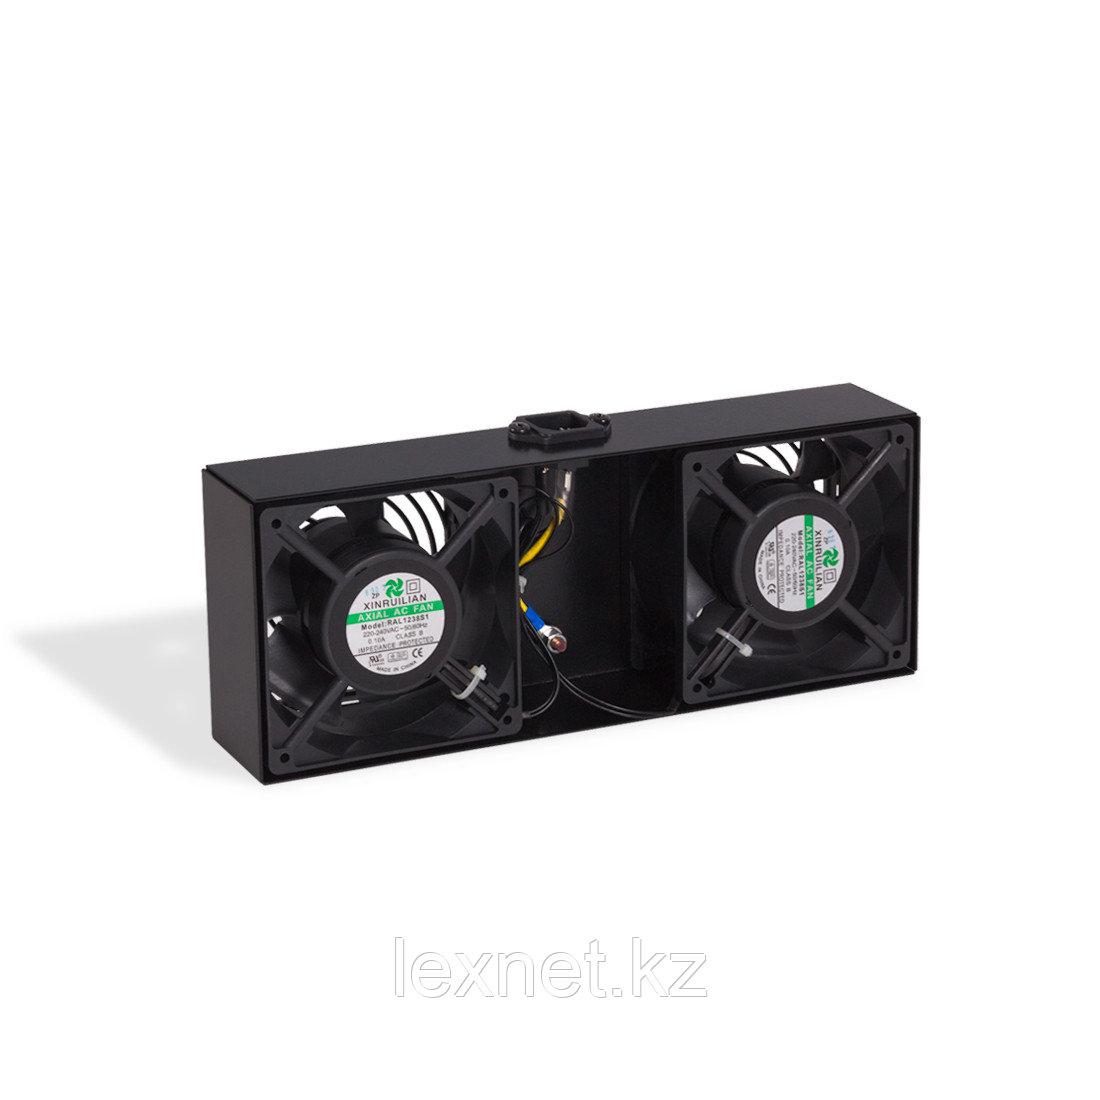 Вентиляторная панель для шкафов SE серии SHIP 701024002